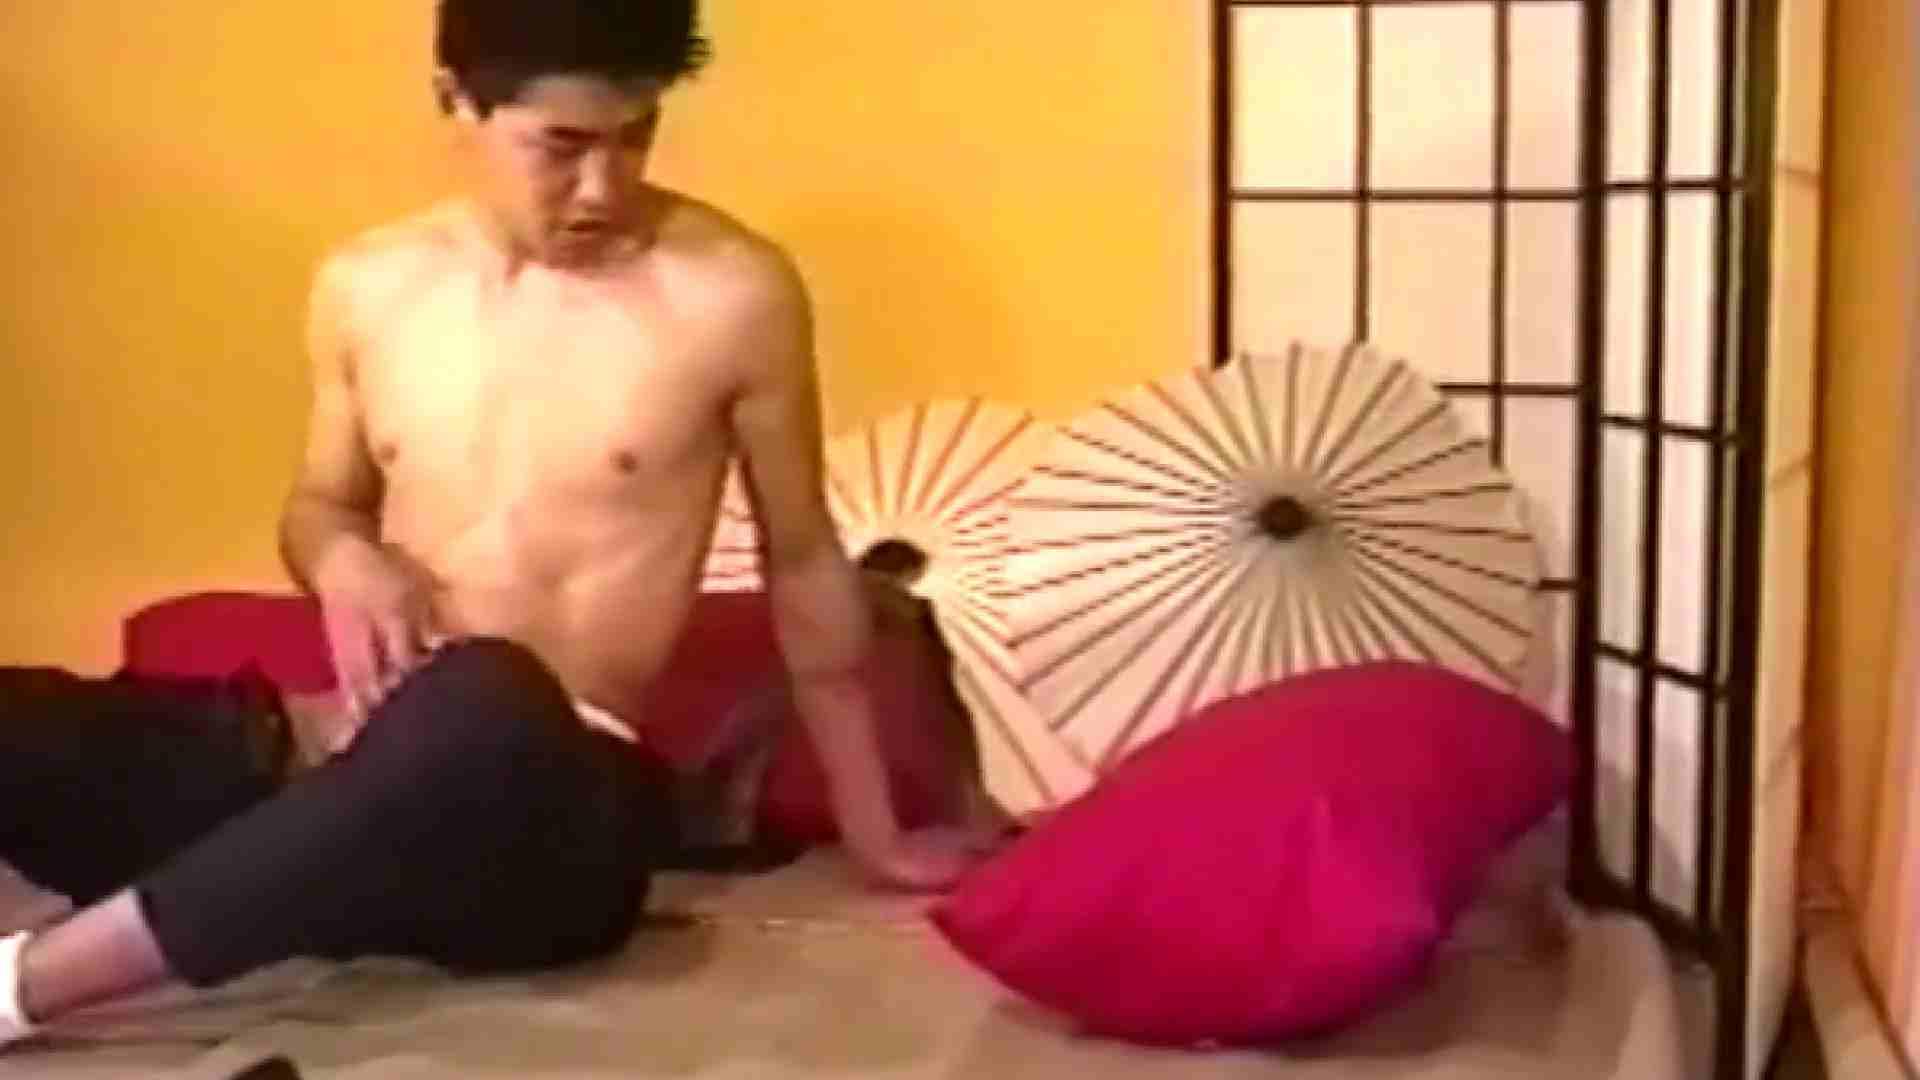 和風のオナニー おもちゃプレイ | ゲイのオナニー映像  100枚 45